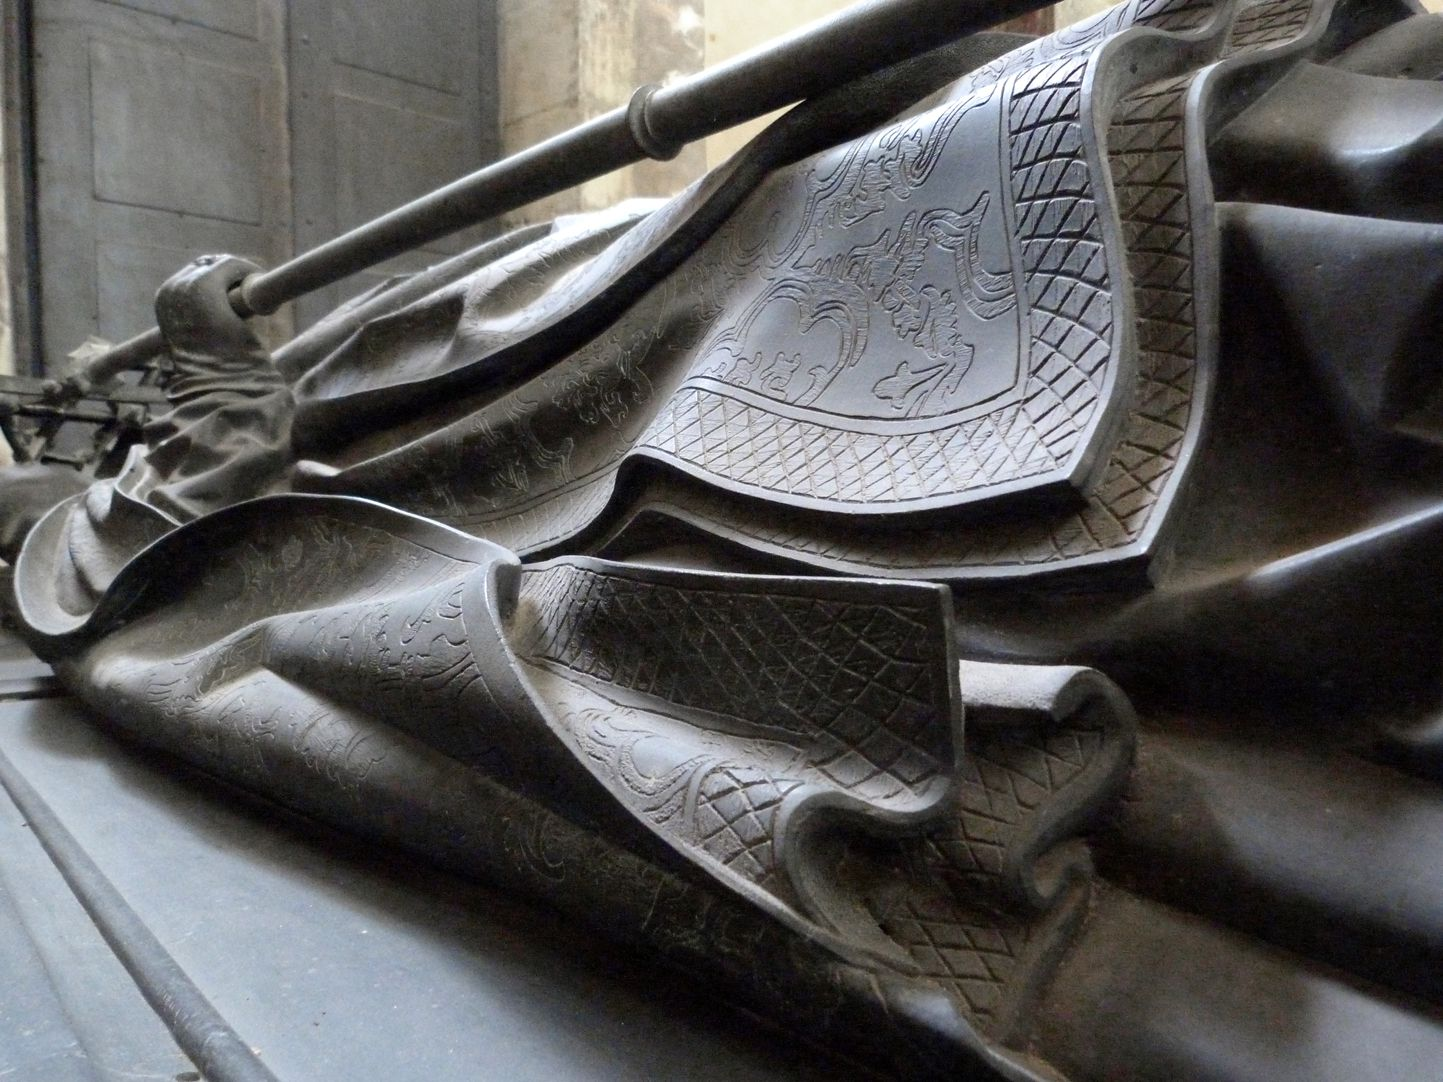 Tumba des Erzbischofs Ernst von Sachsen Bischofsmantel, Detail der Faltenführung